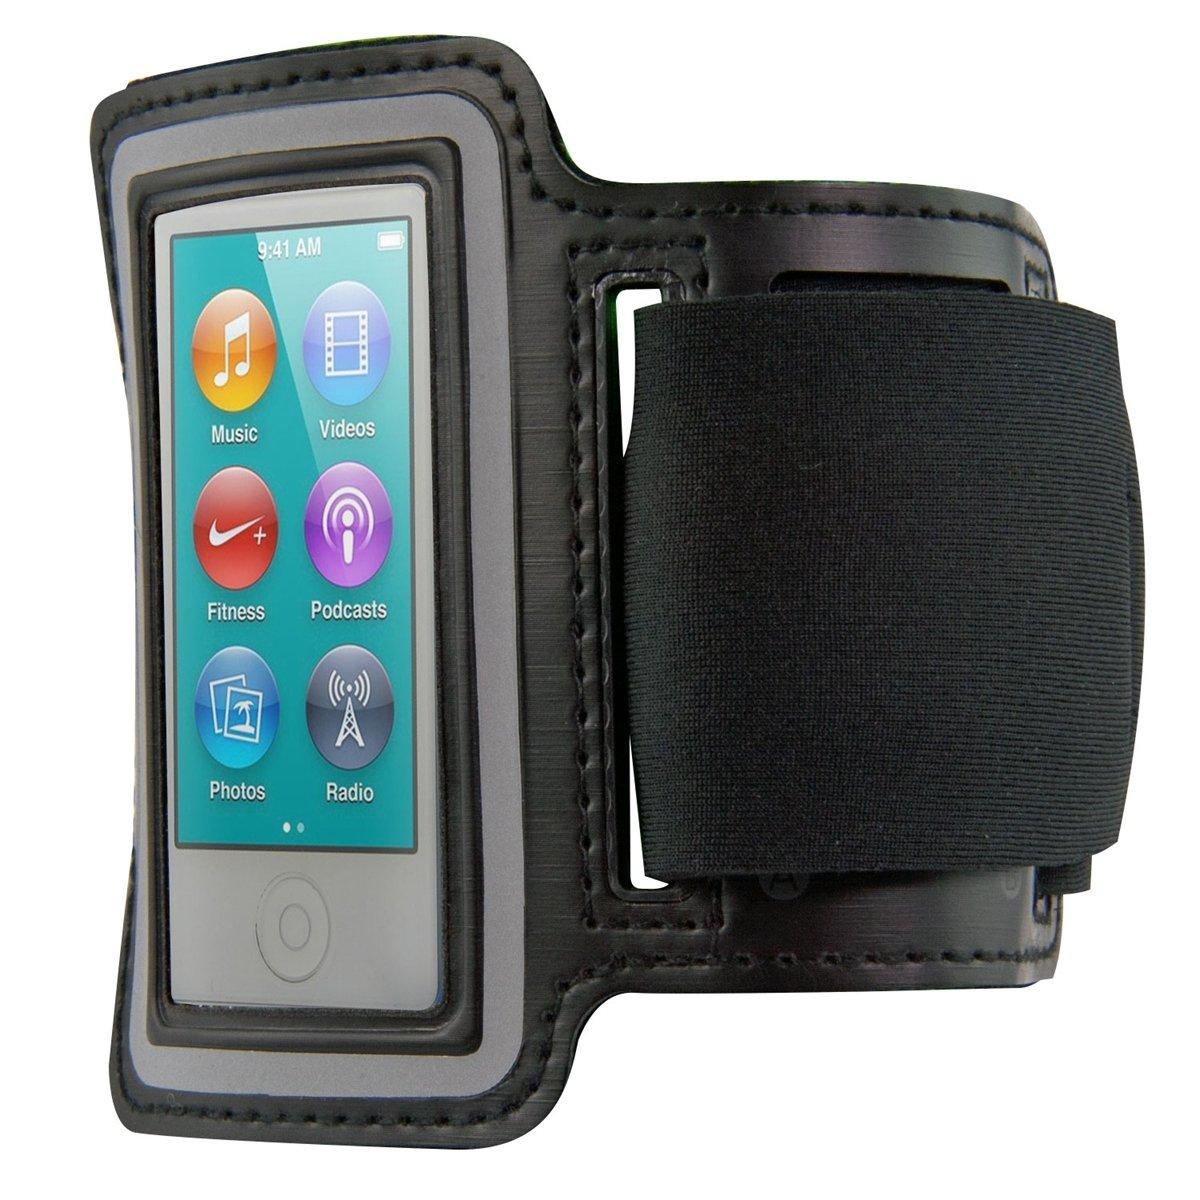 kwmobile Bracelet de sport pour Apple iPod Nano 7 - jogging footing sac de sport bracelet de fitness avec compartiment pour clés dans le bracelet de sport en noir